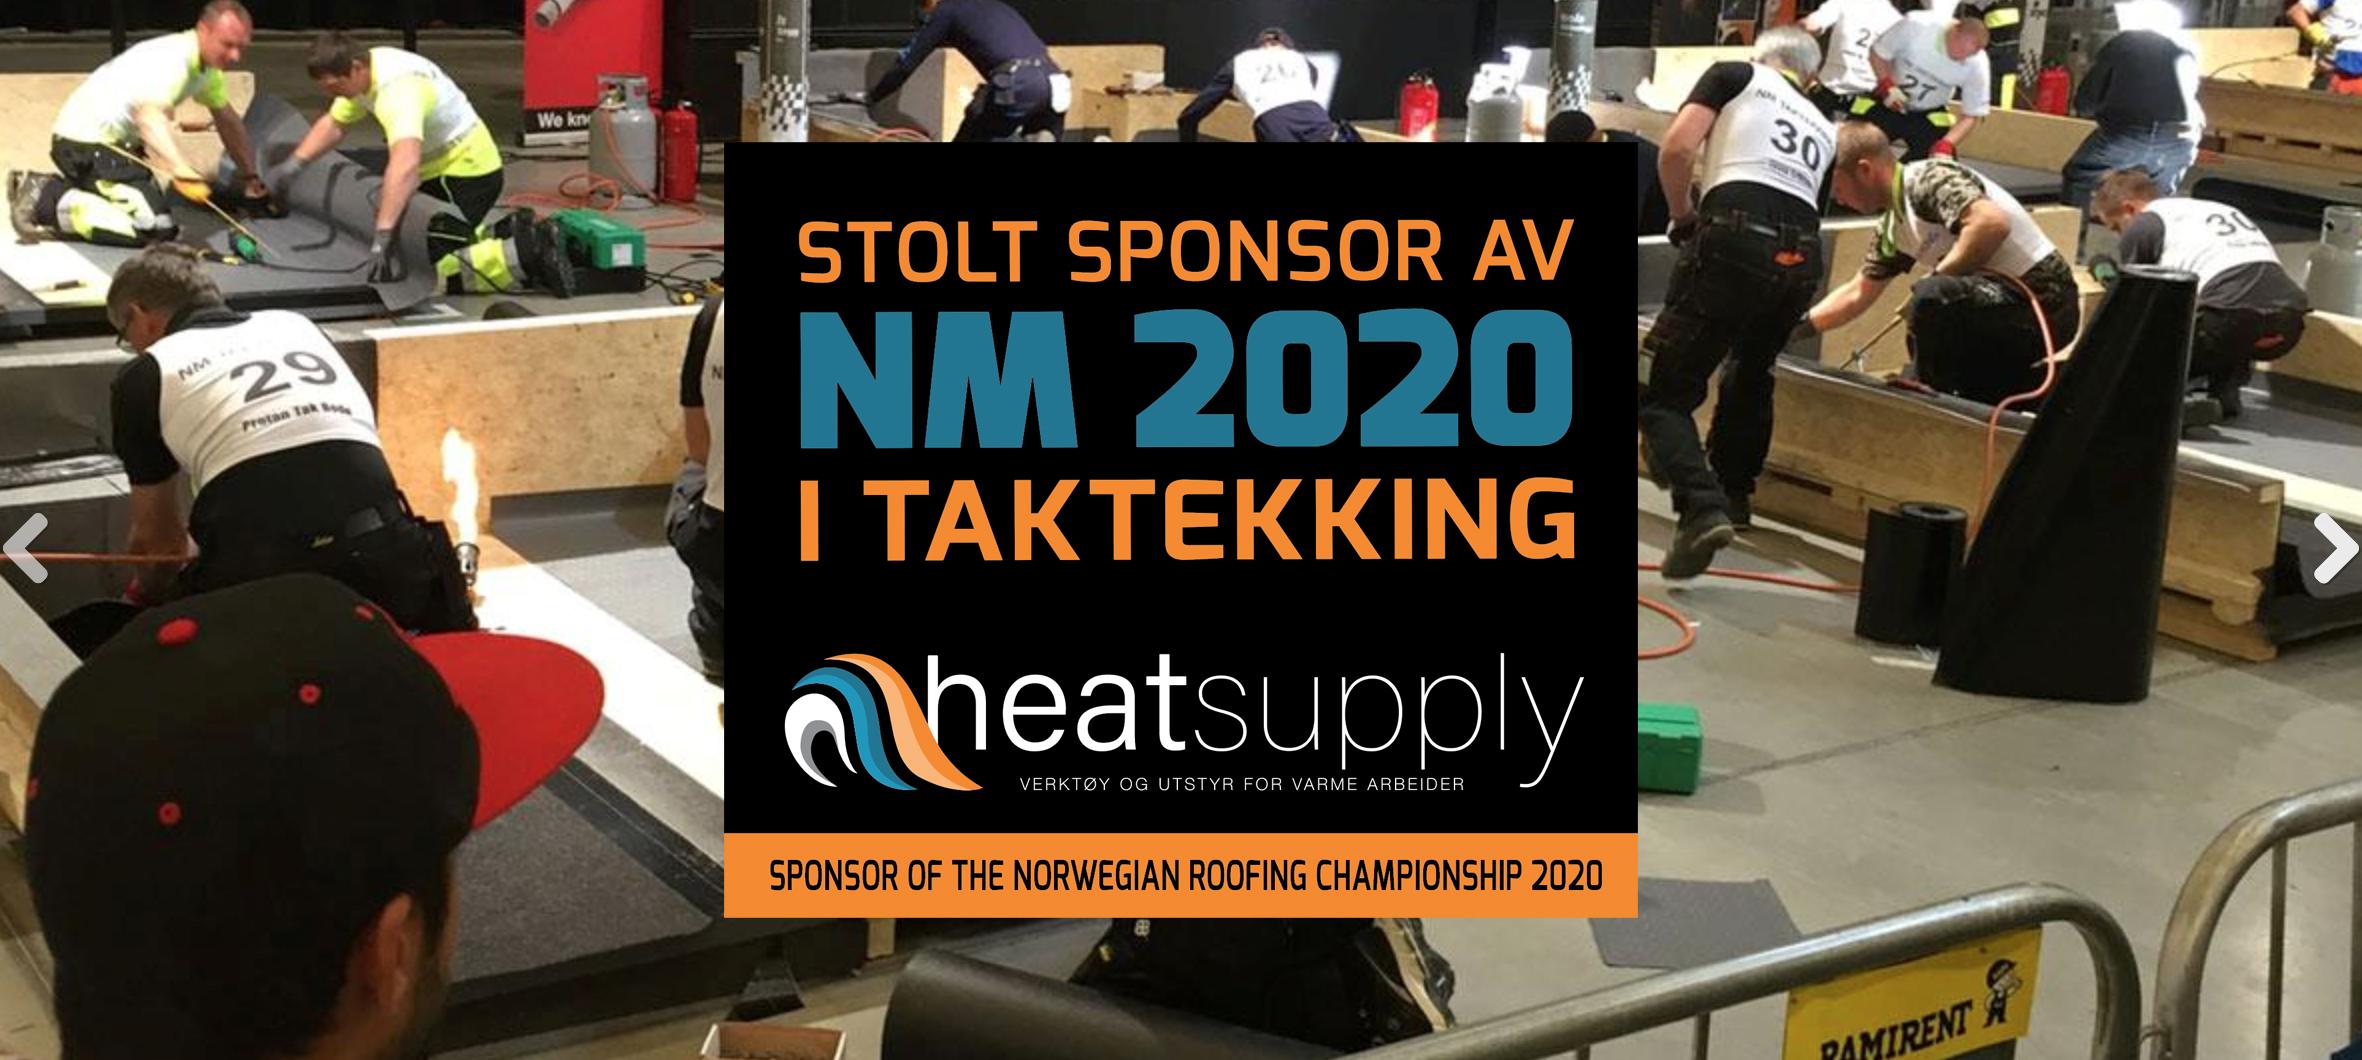 Stolt sponsor av gass-verktøy til NM i taktekking 2020